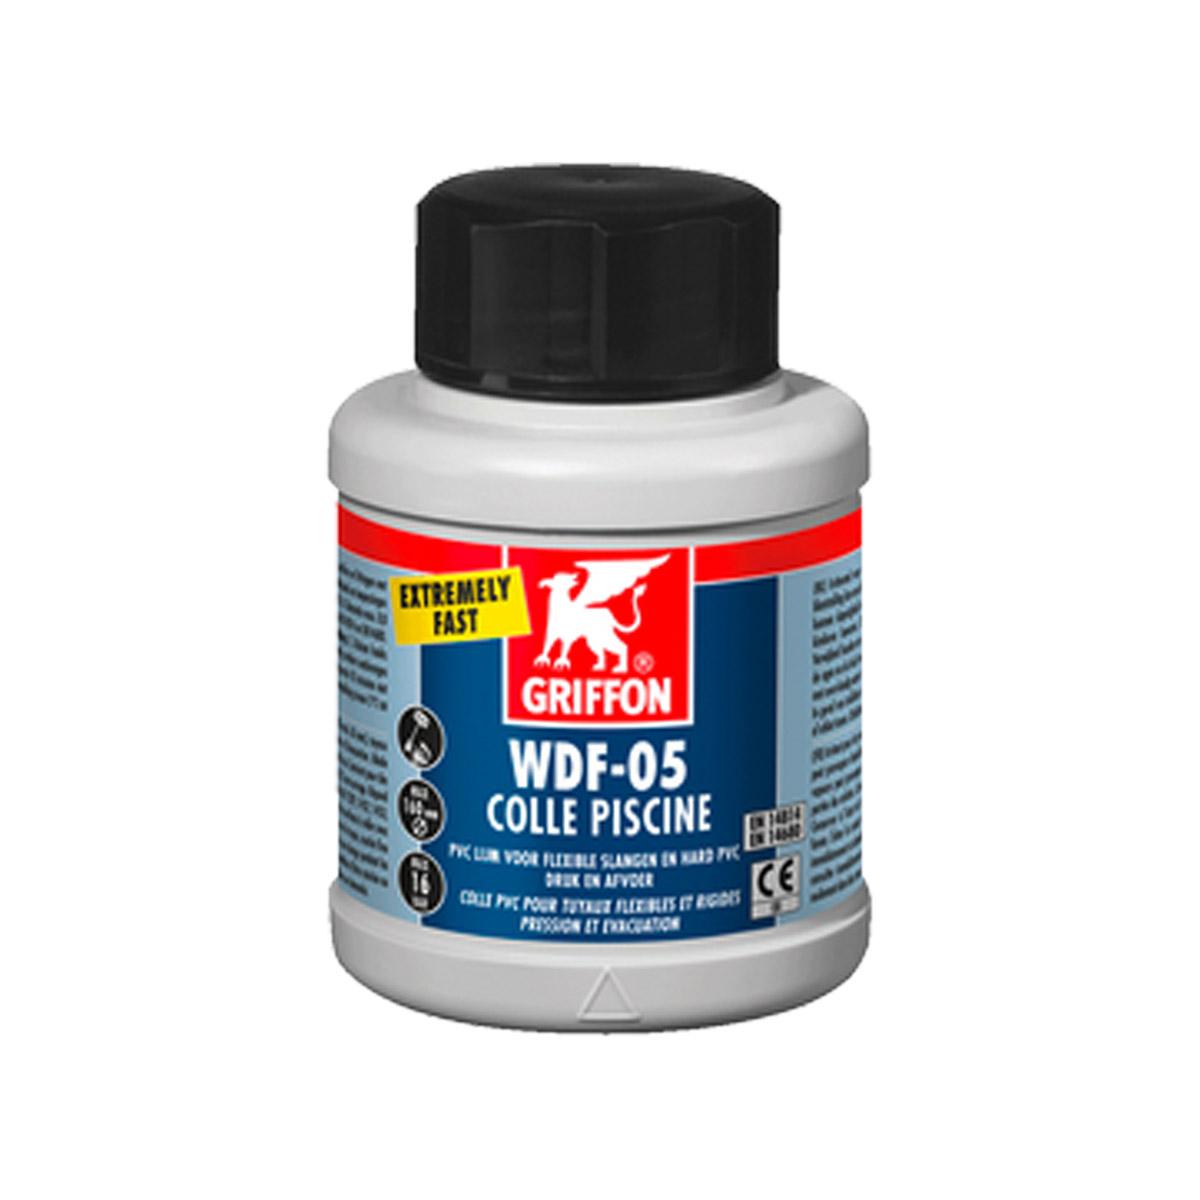 GRIFFON WDF-05 KLEBER 125ml, Dose mit Pinsel GRIFFON WDF-05 KLEBER 125ml, Dose mit Pinsel